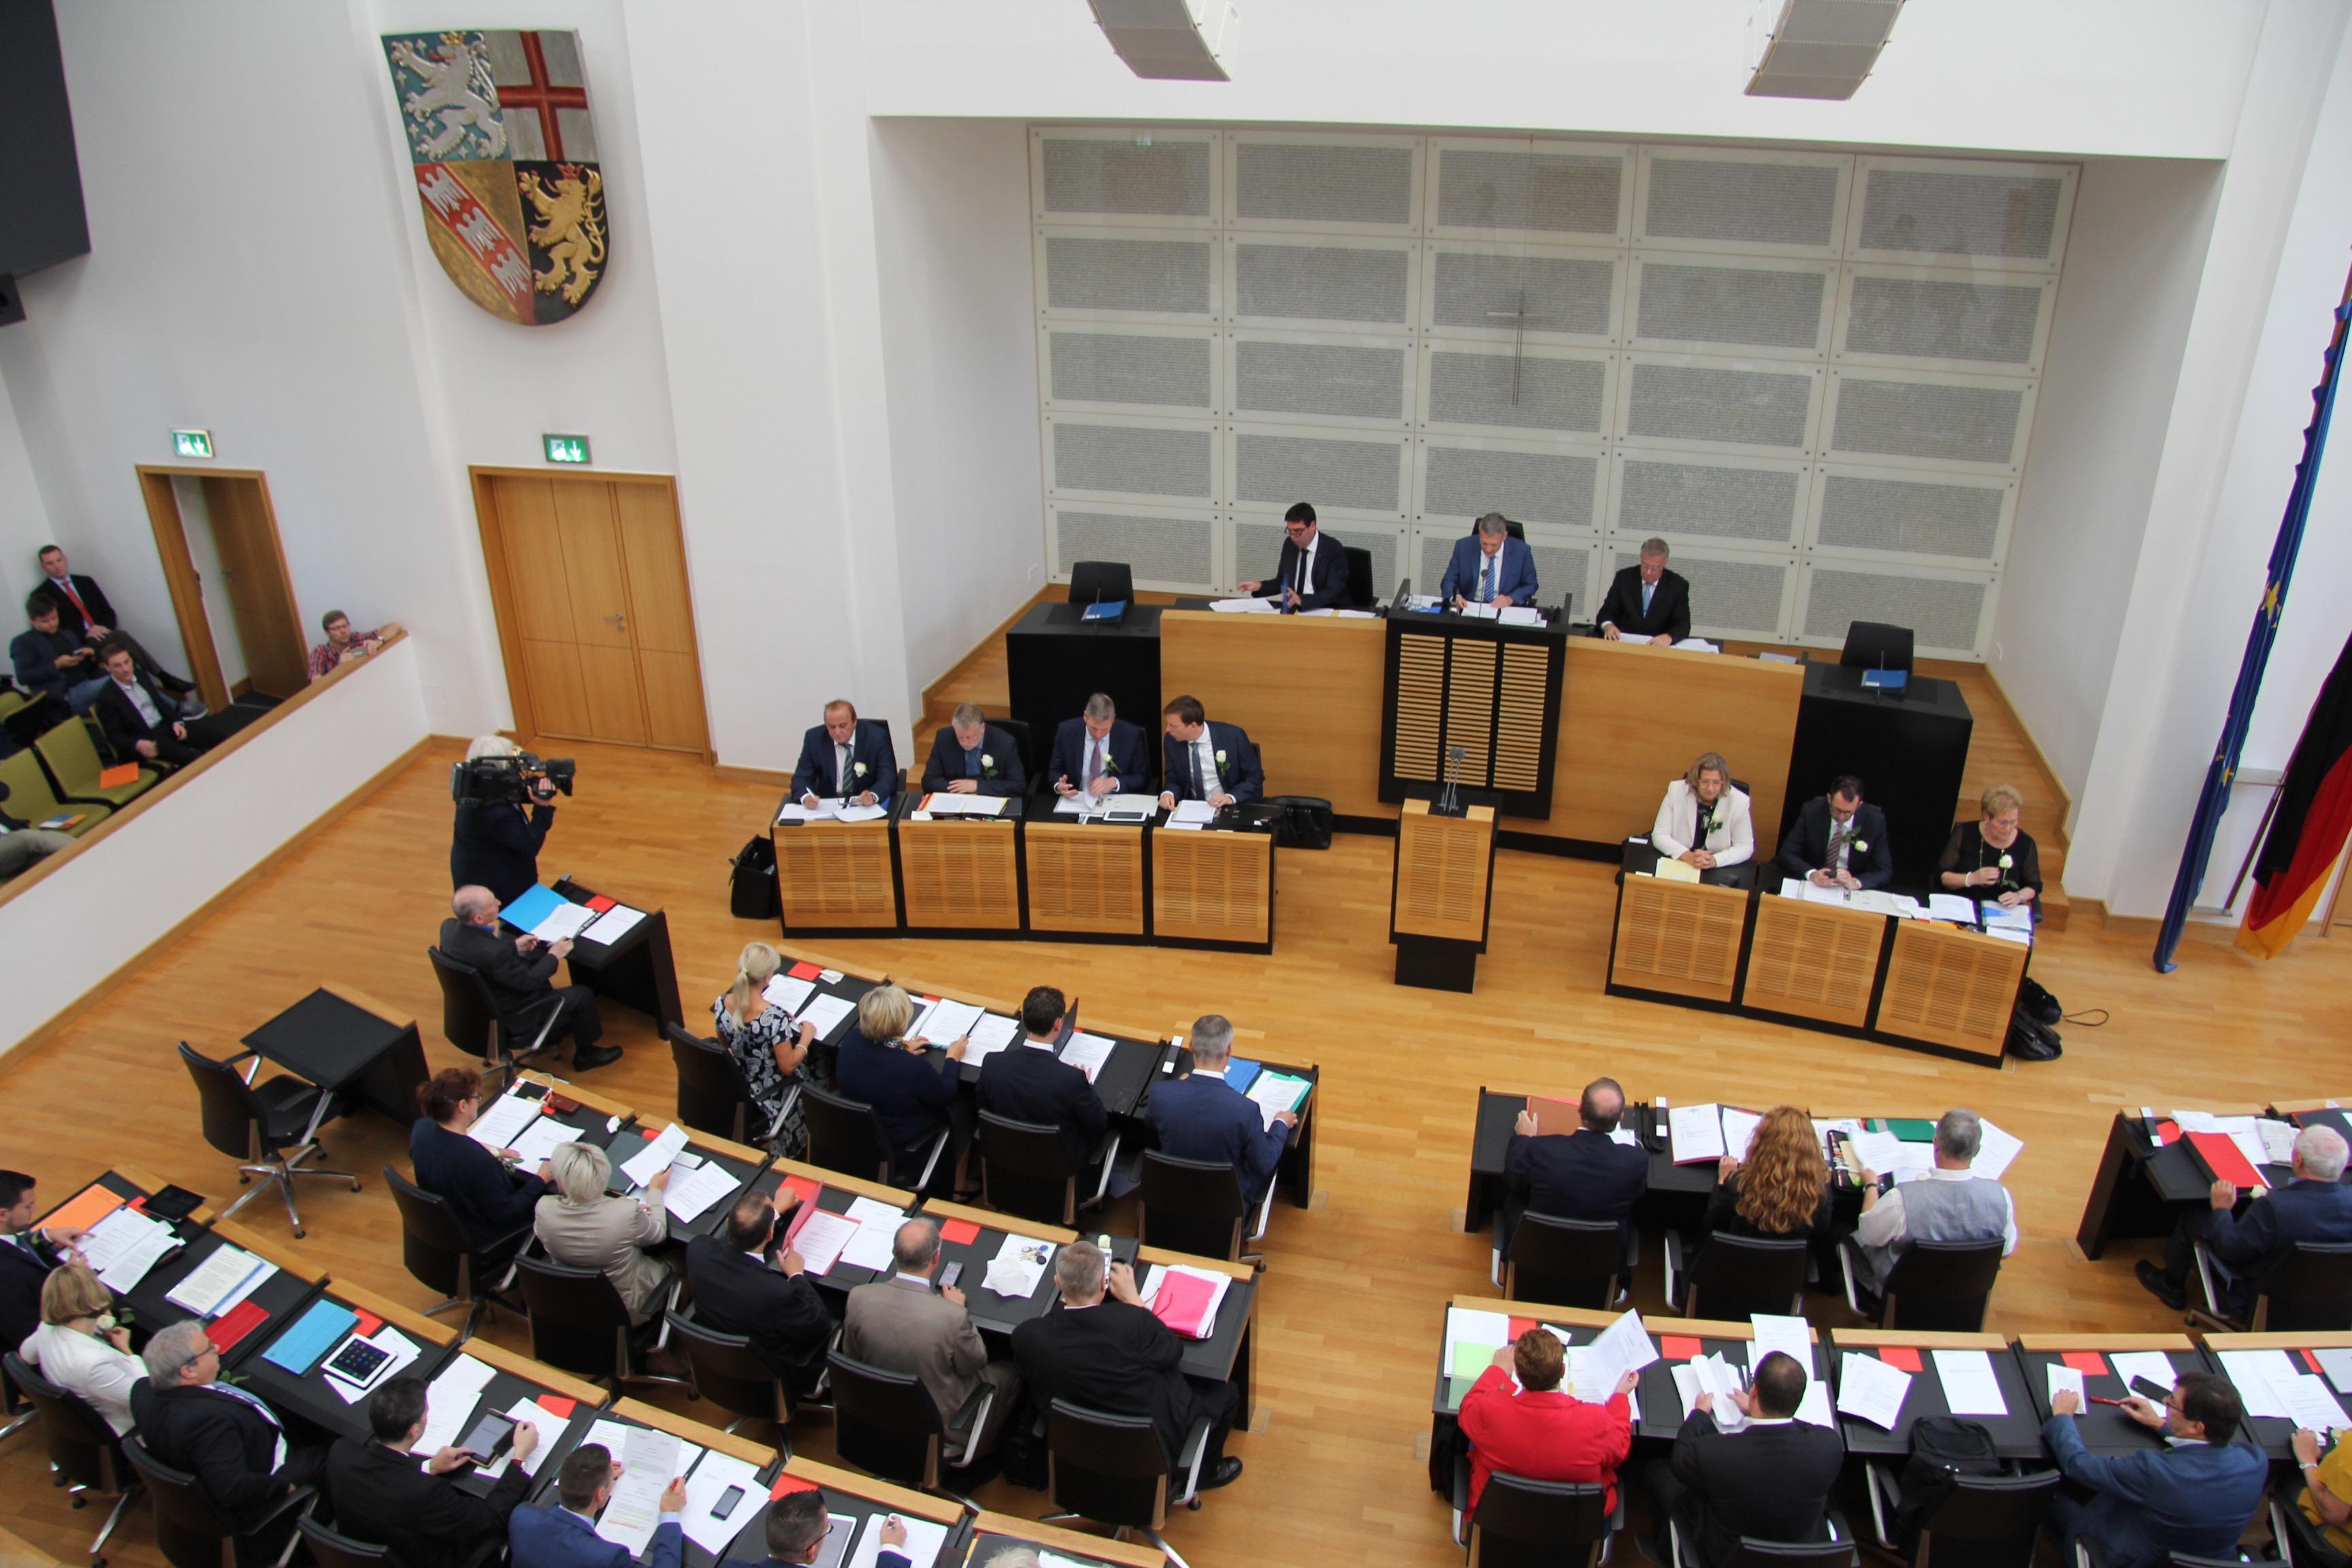 CDU Fraktion des Saarlandes: Weiße Rose, Erfüllungsübernahme, Digitalisierung, Demenz – 18. Landtagssitzung